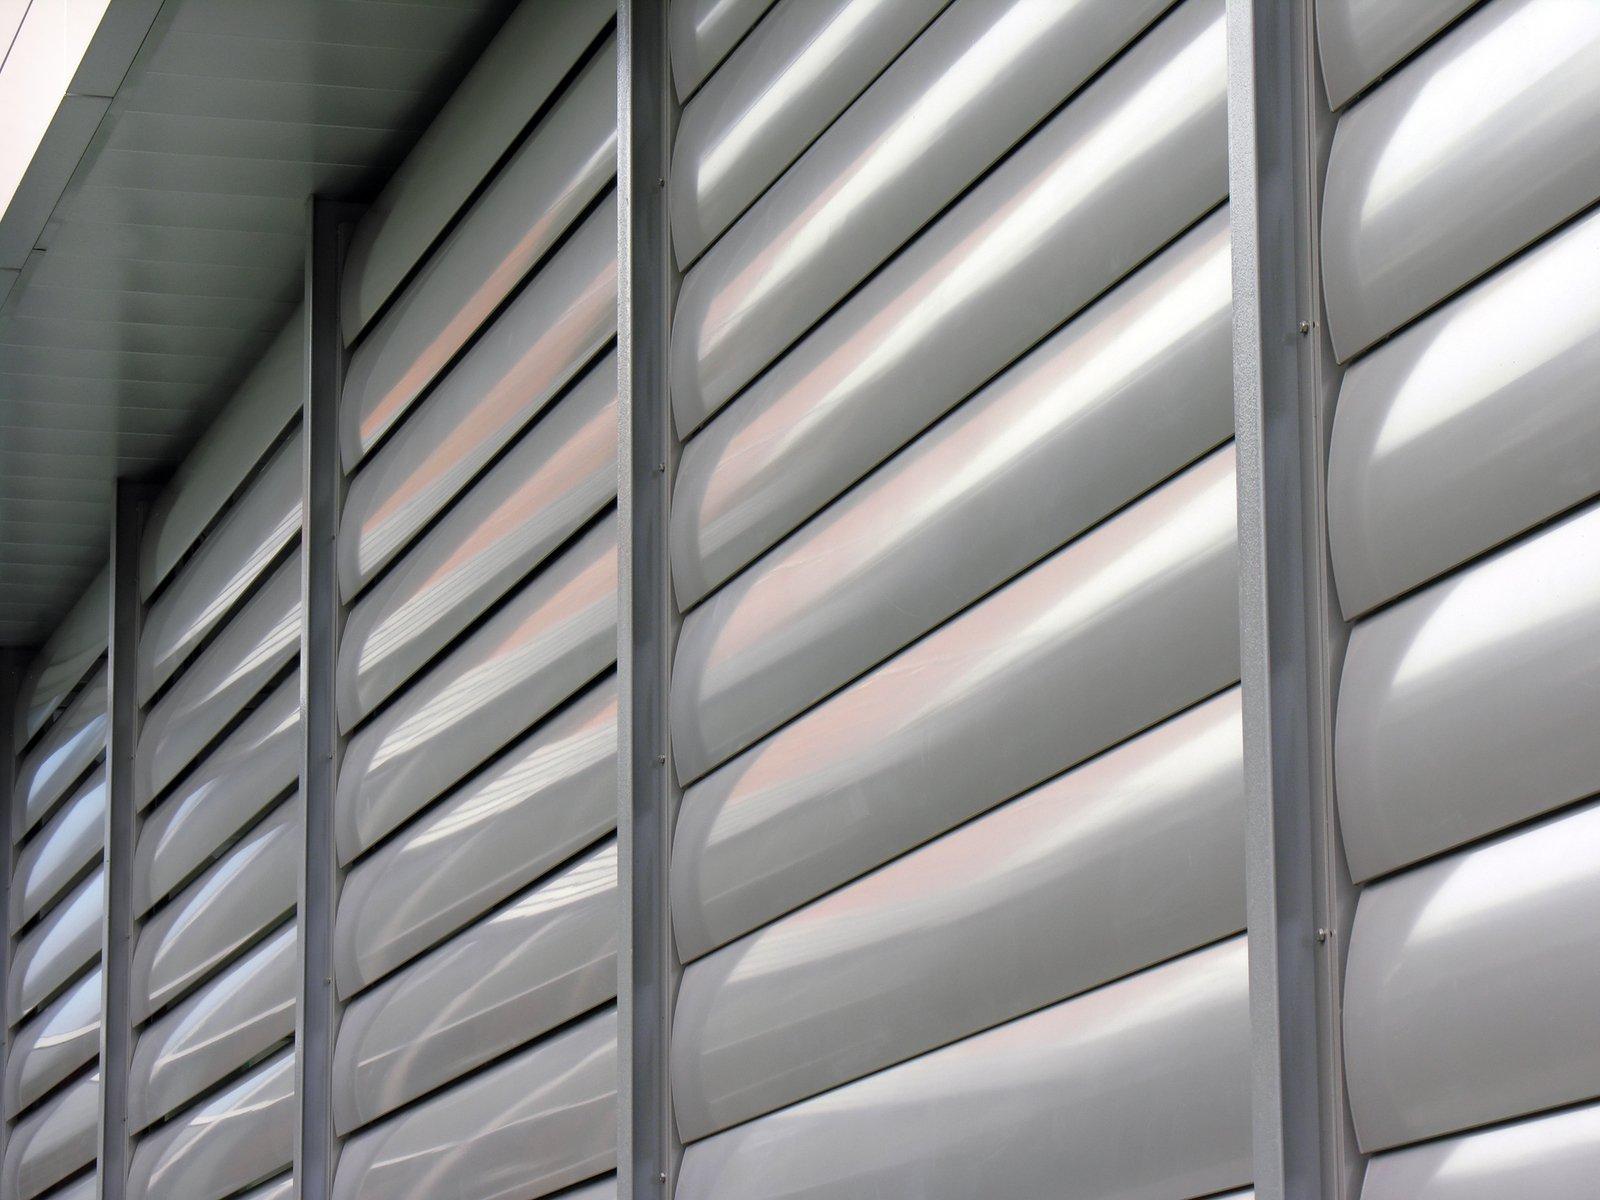 limpiar persianas metalicas